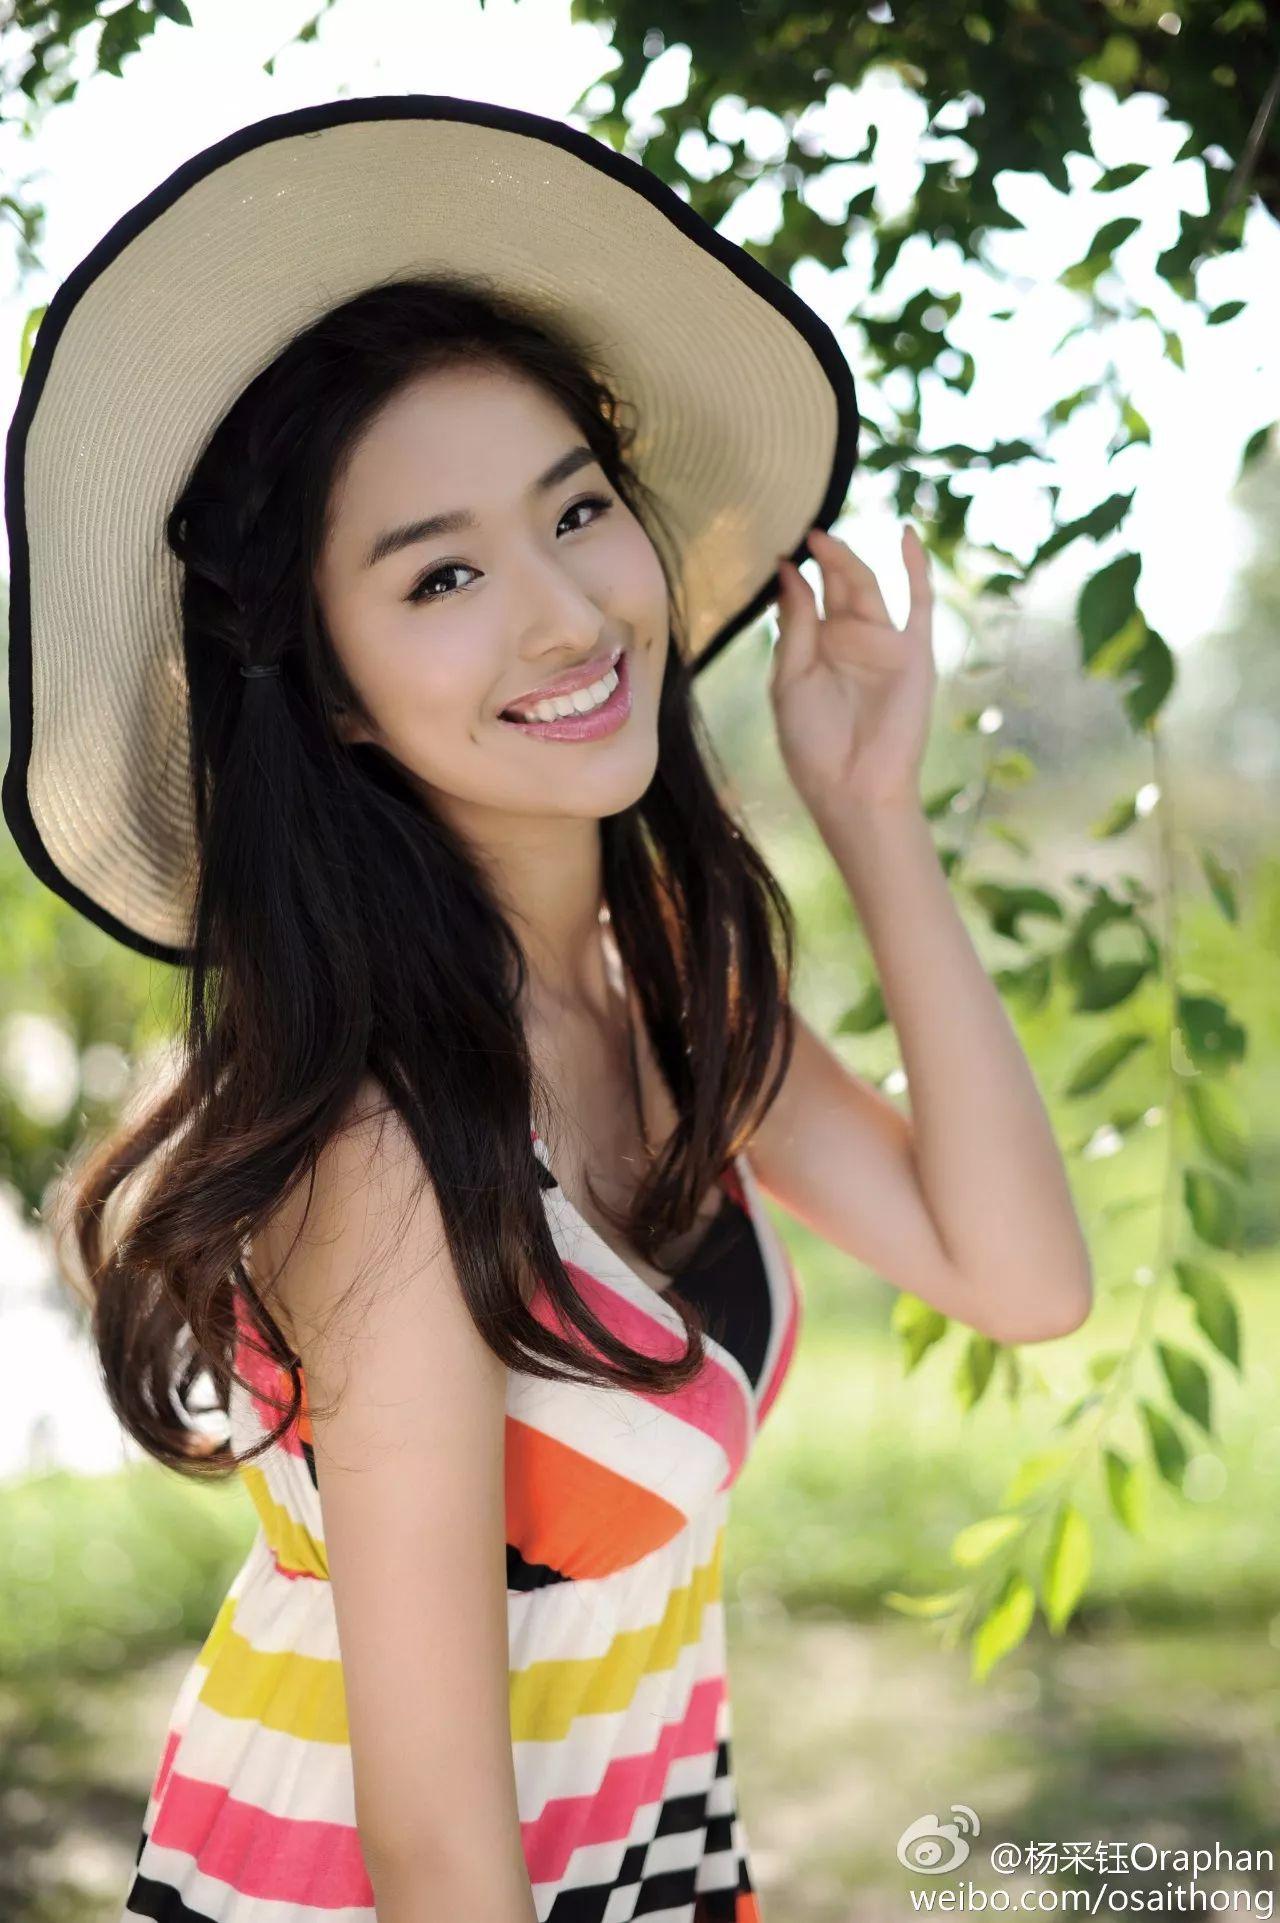 撞脸撞衫撞出身,这个姑娘是怎么惹怒刘亦菲的?